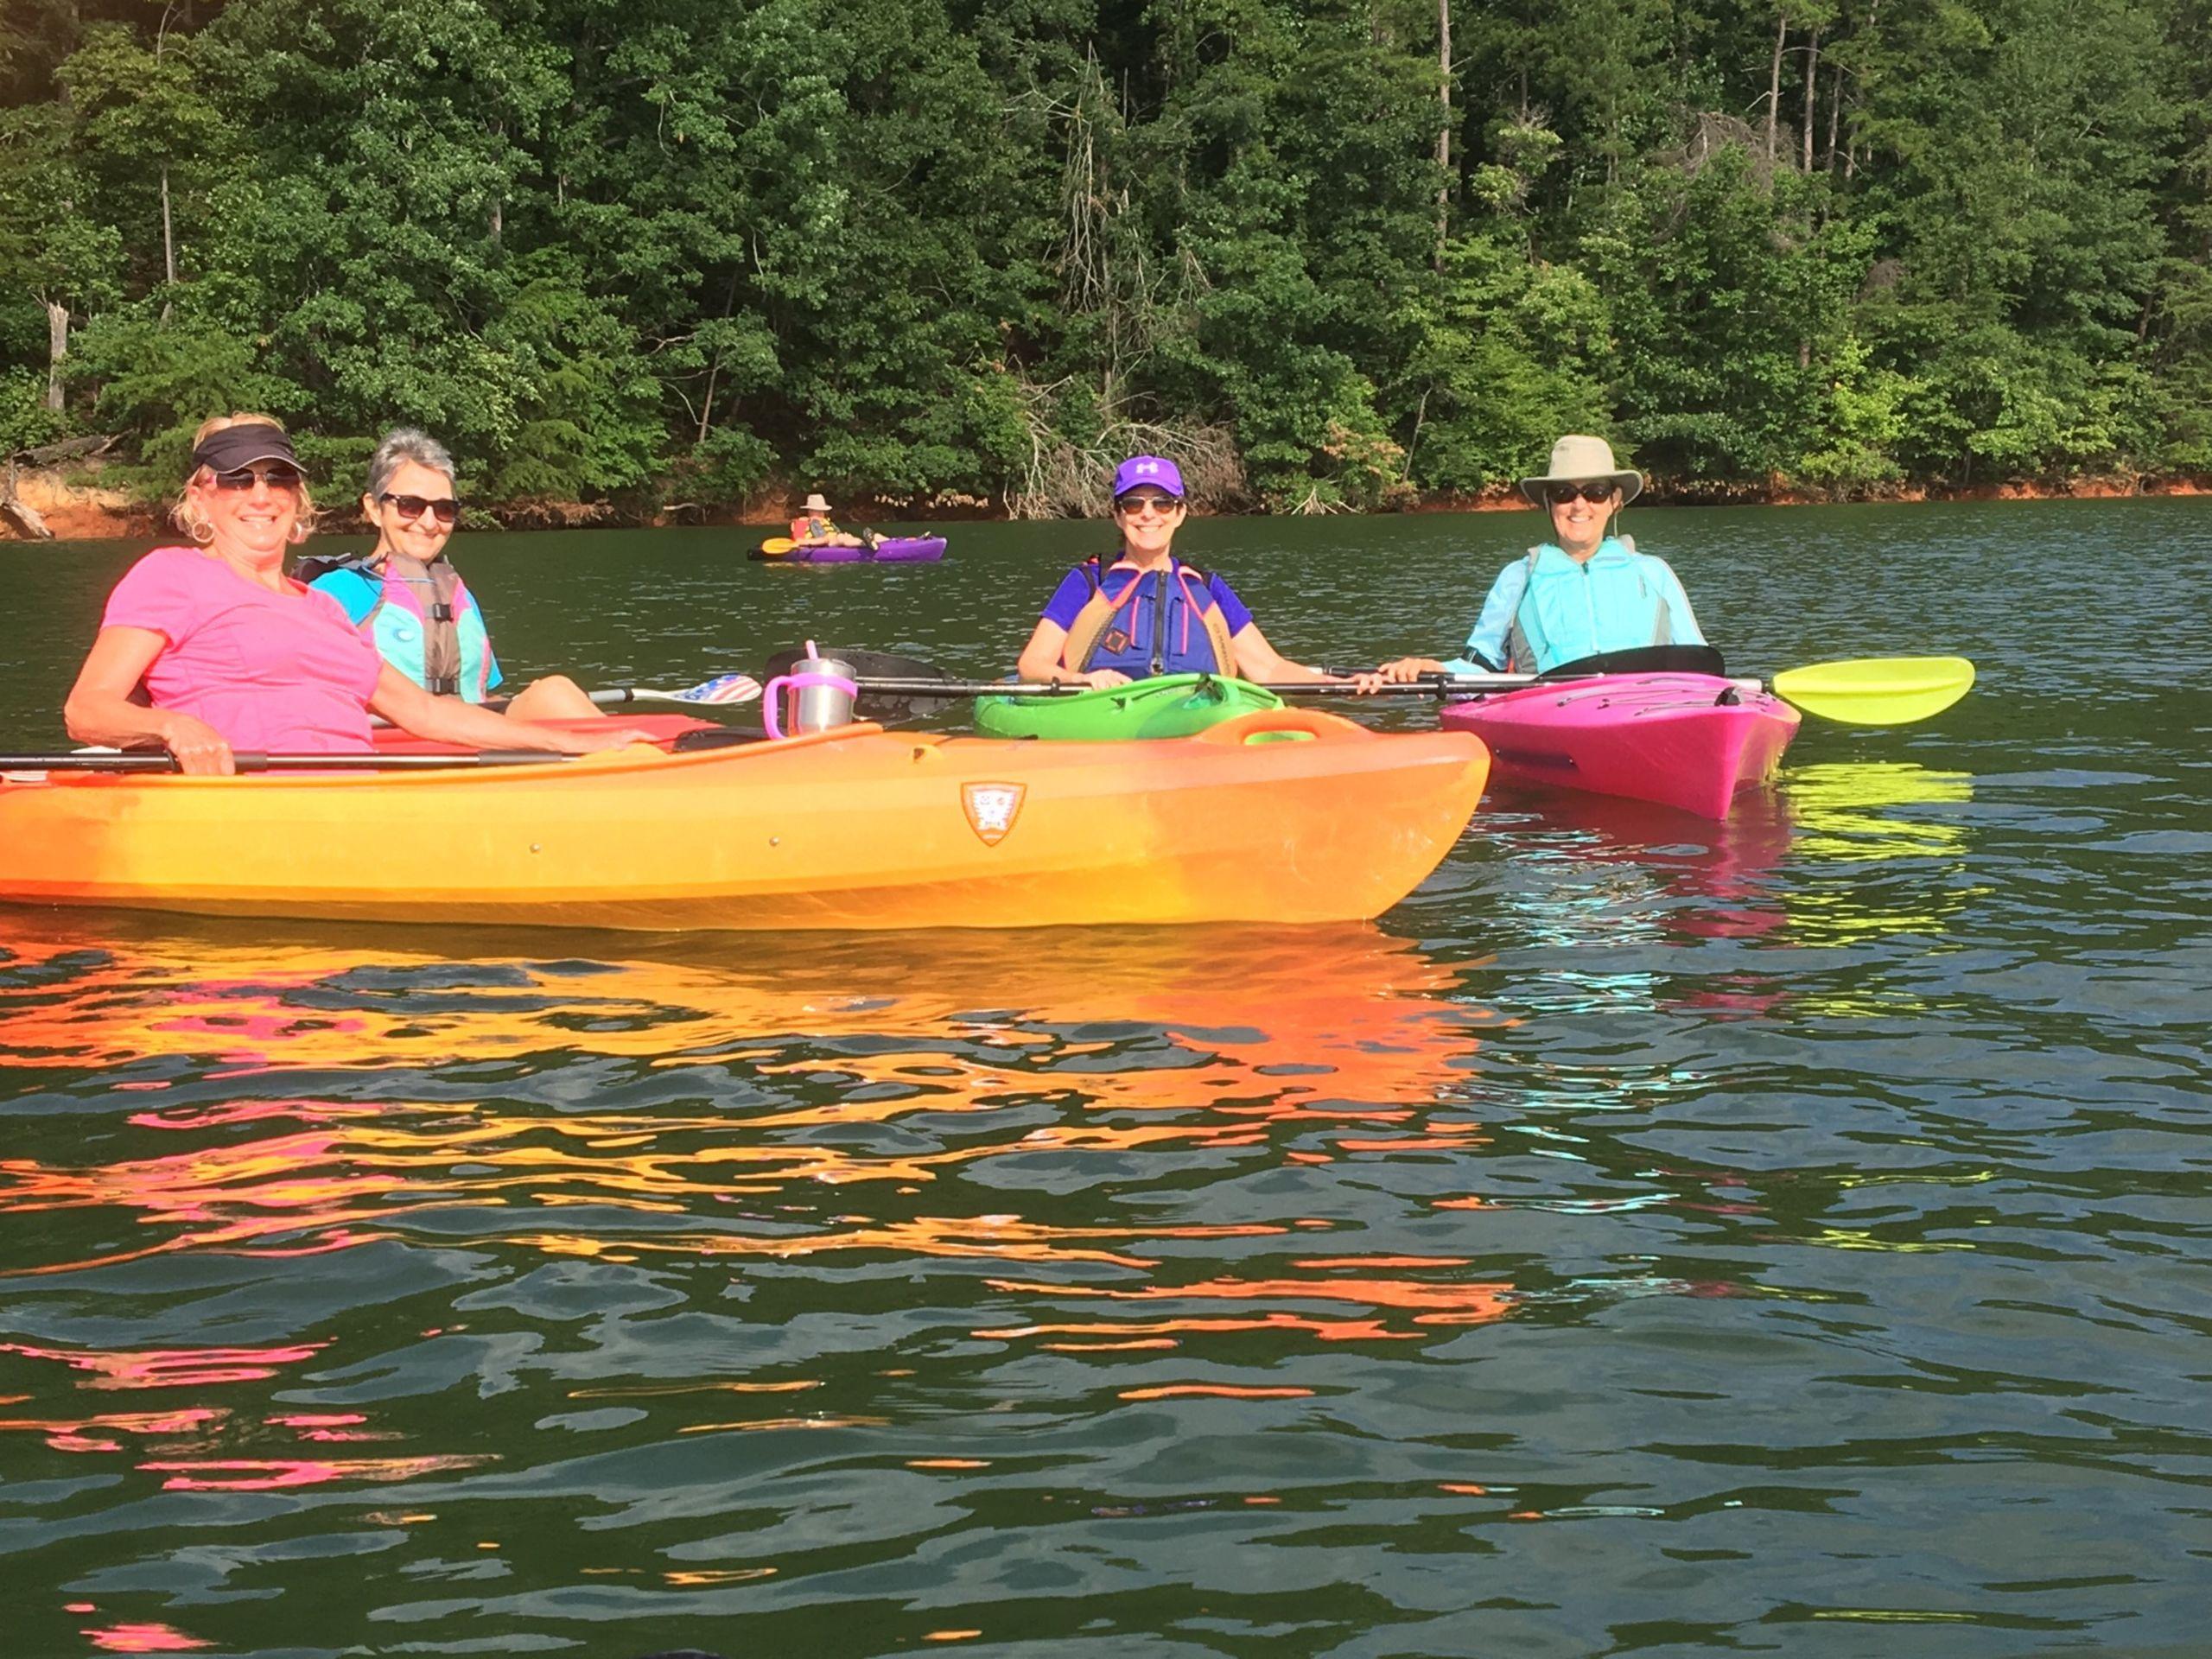 Kayaking on Lanier